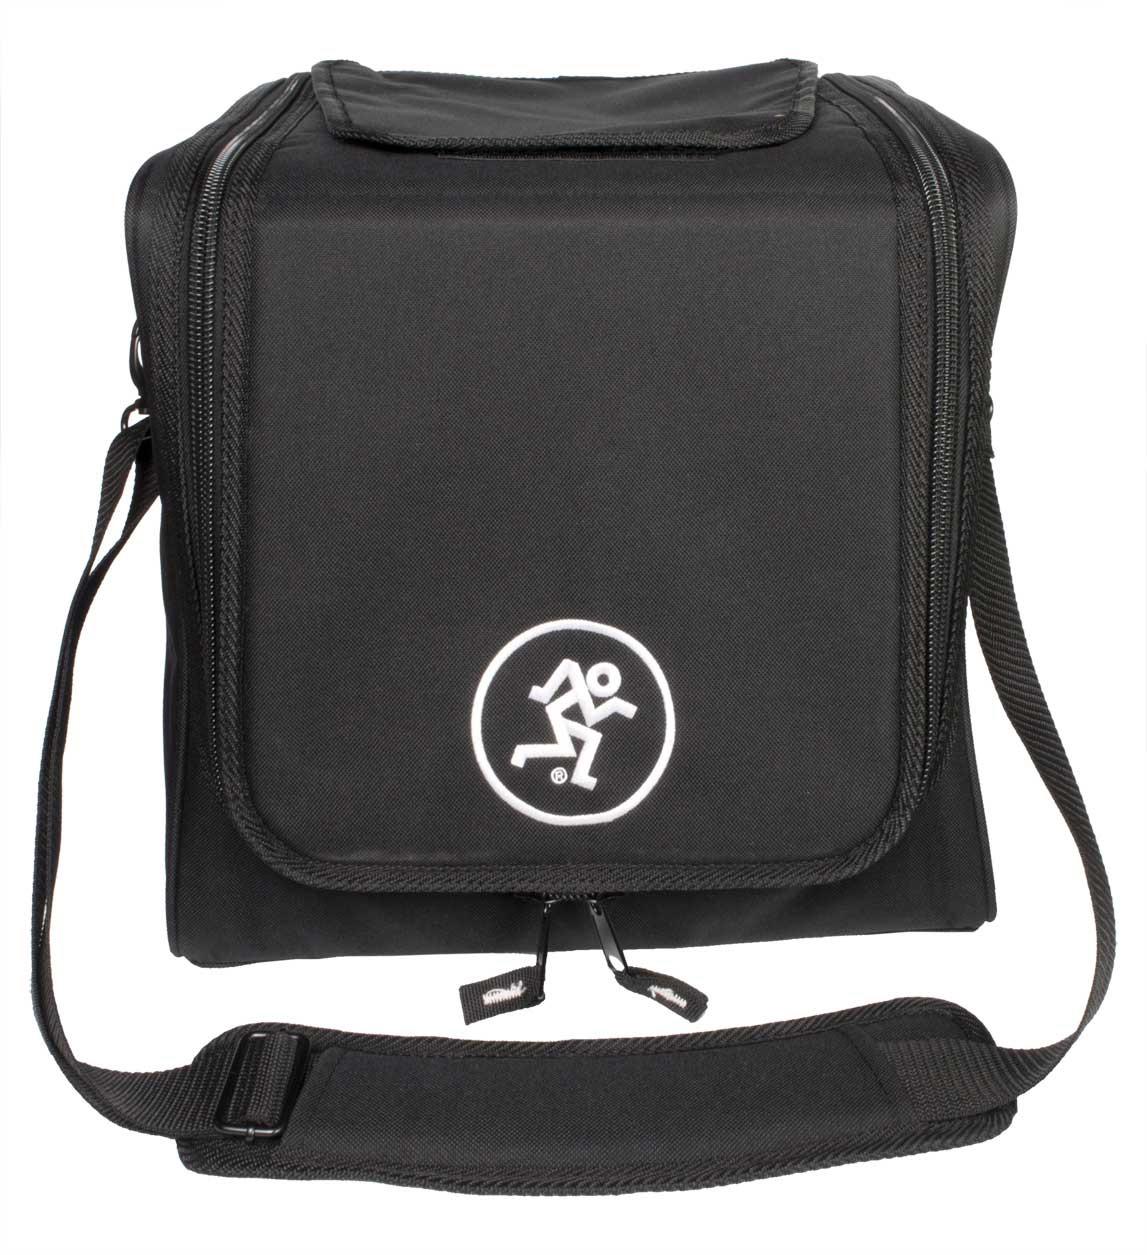 Speaker Bag for DLM8